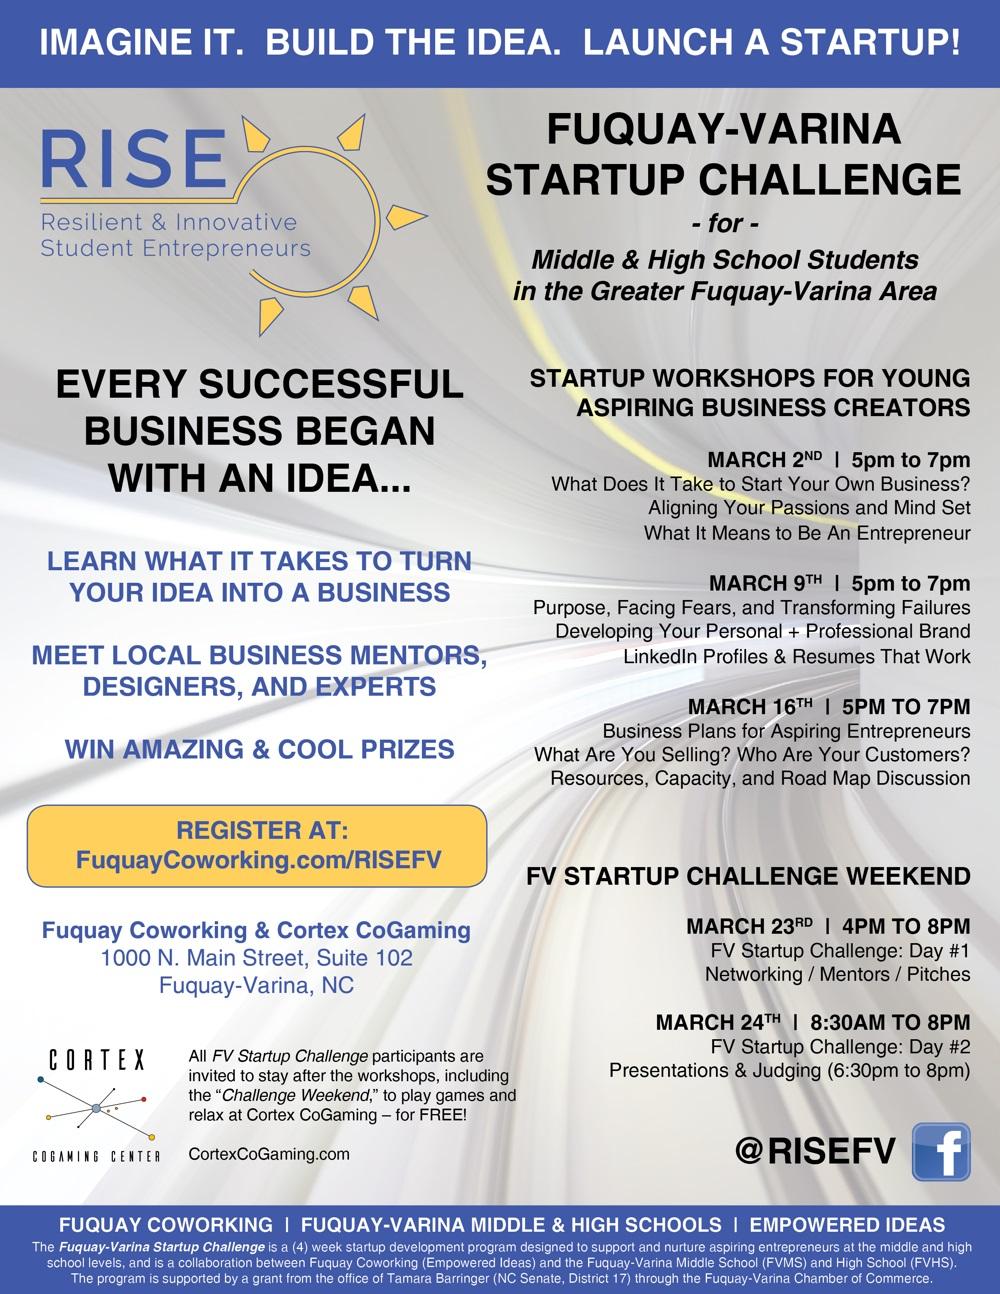 RISE FV Startup Challenge